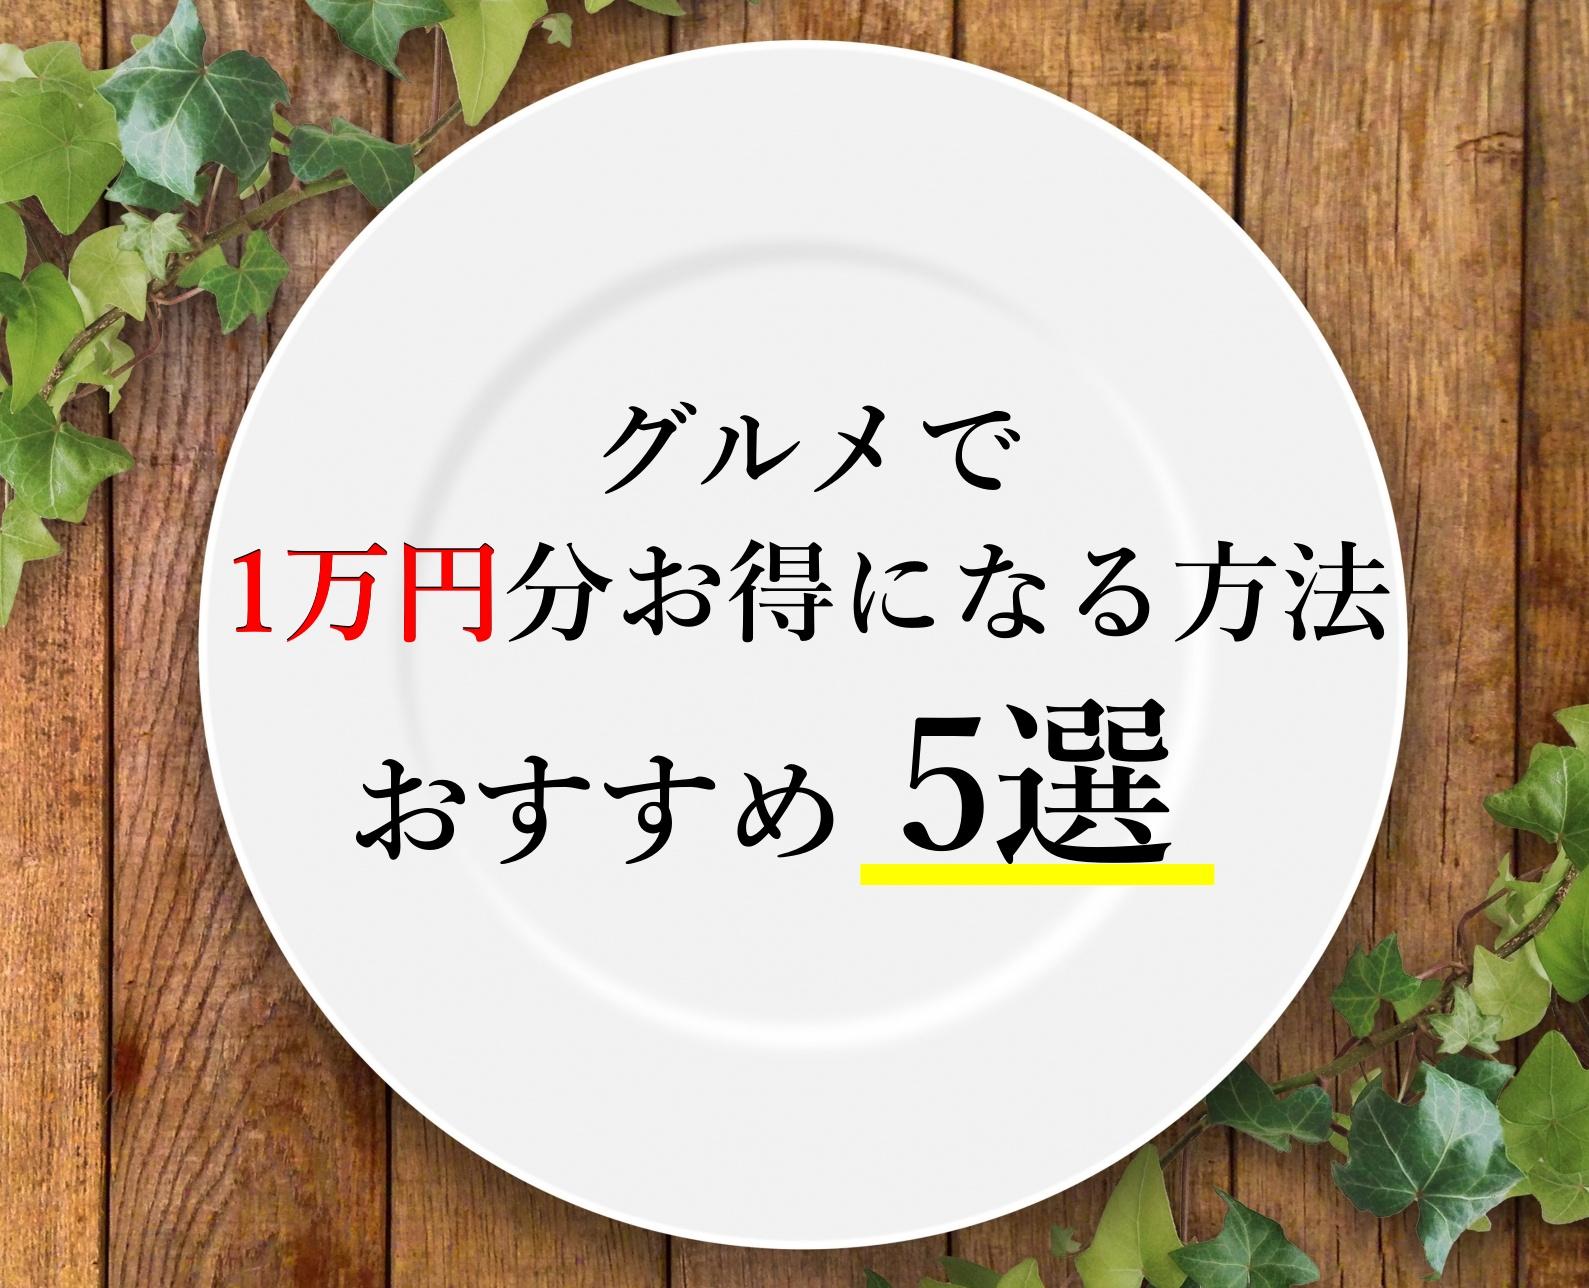 グルメで1万円分お得になる方法 おすすめ5選